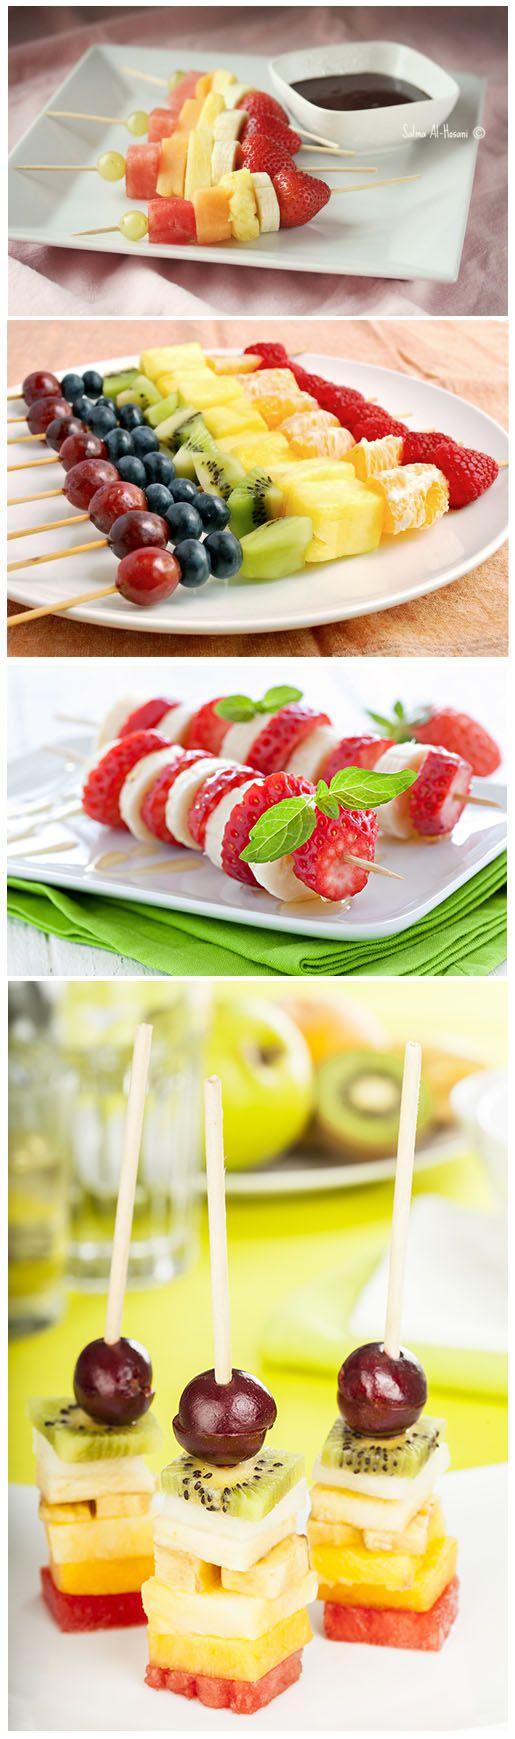 frutas com ganache                                                                                                                                                                                 Mais